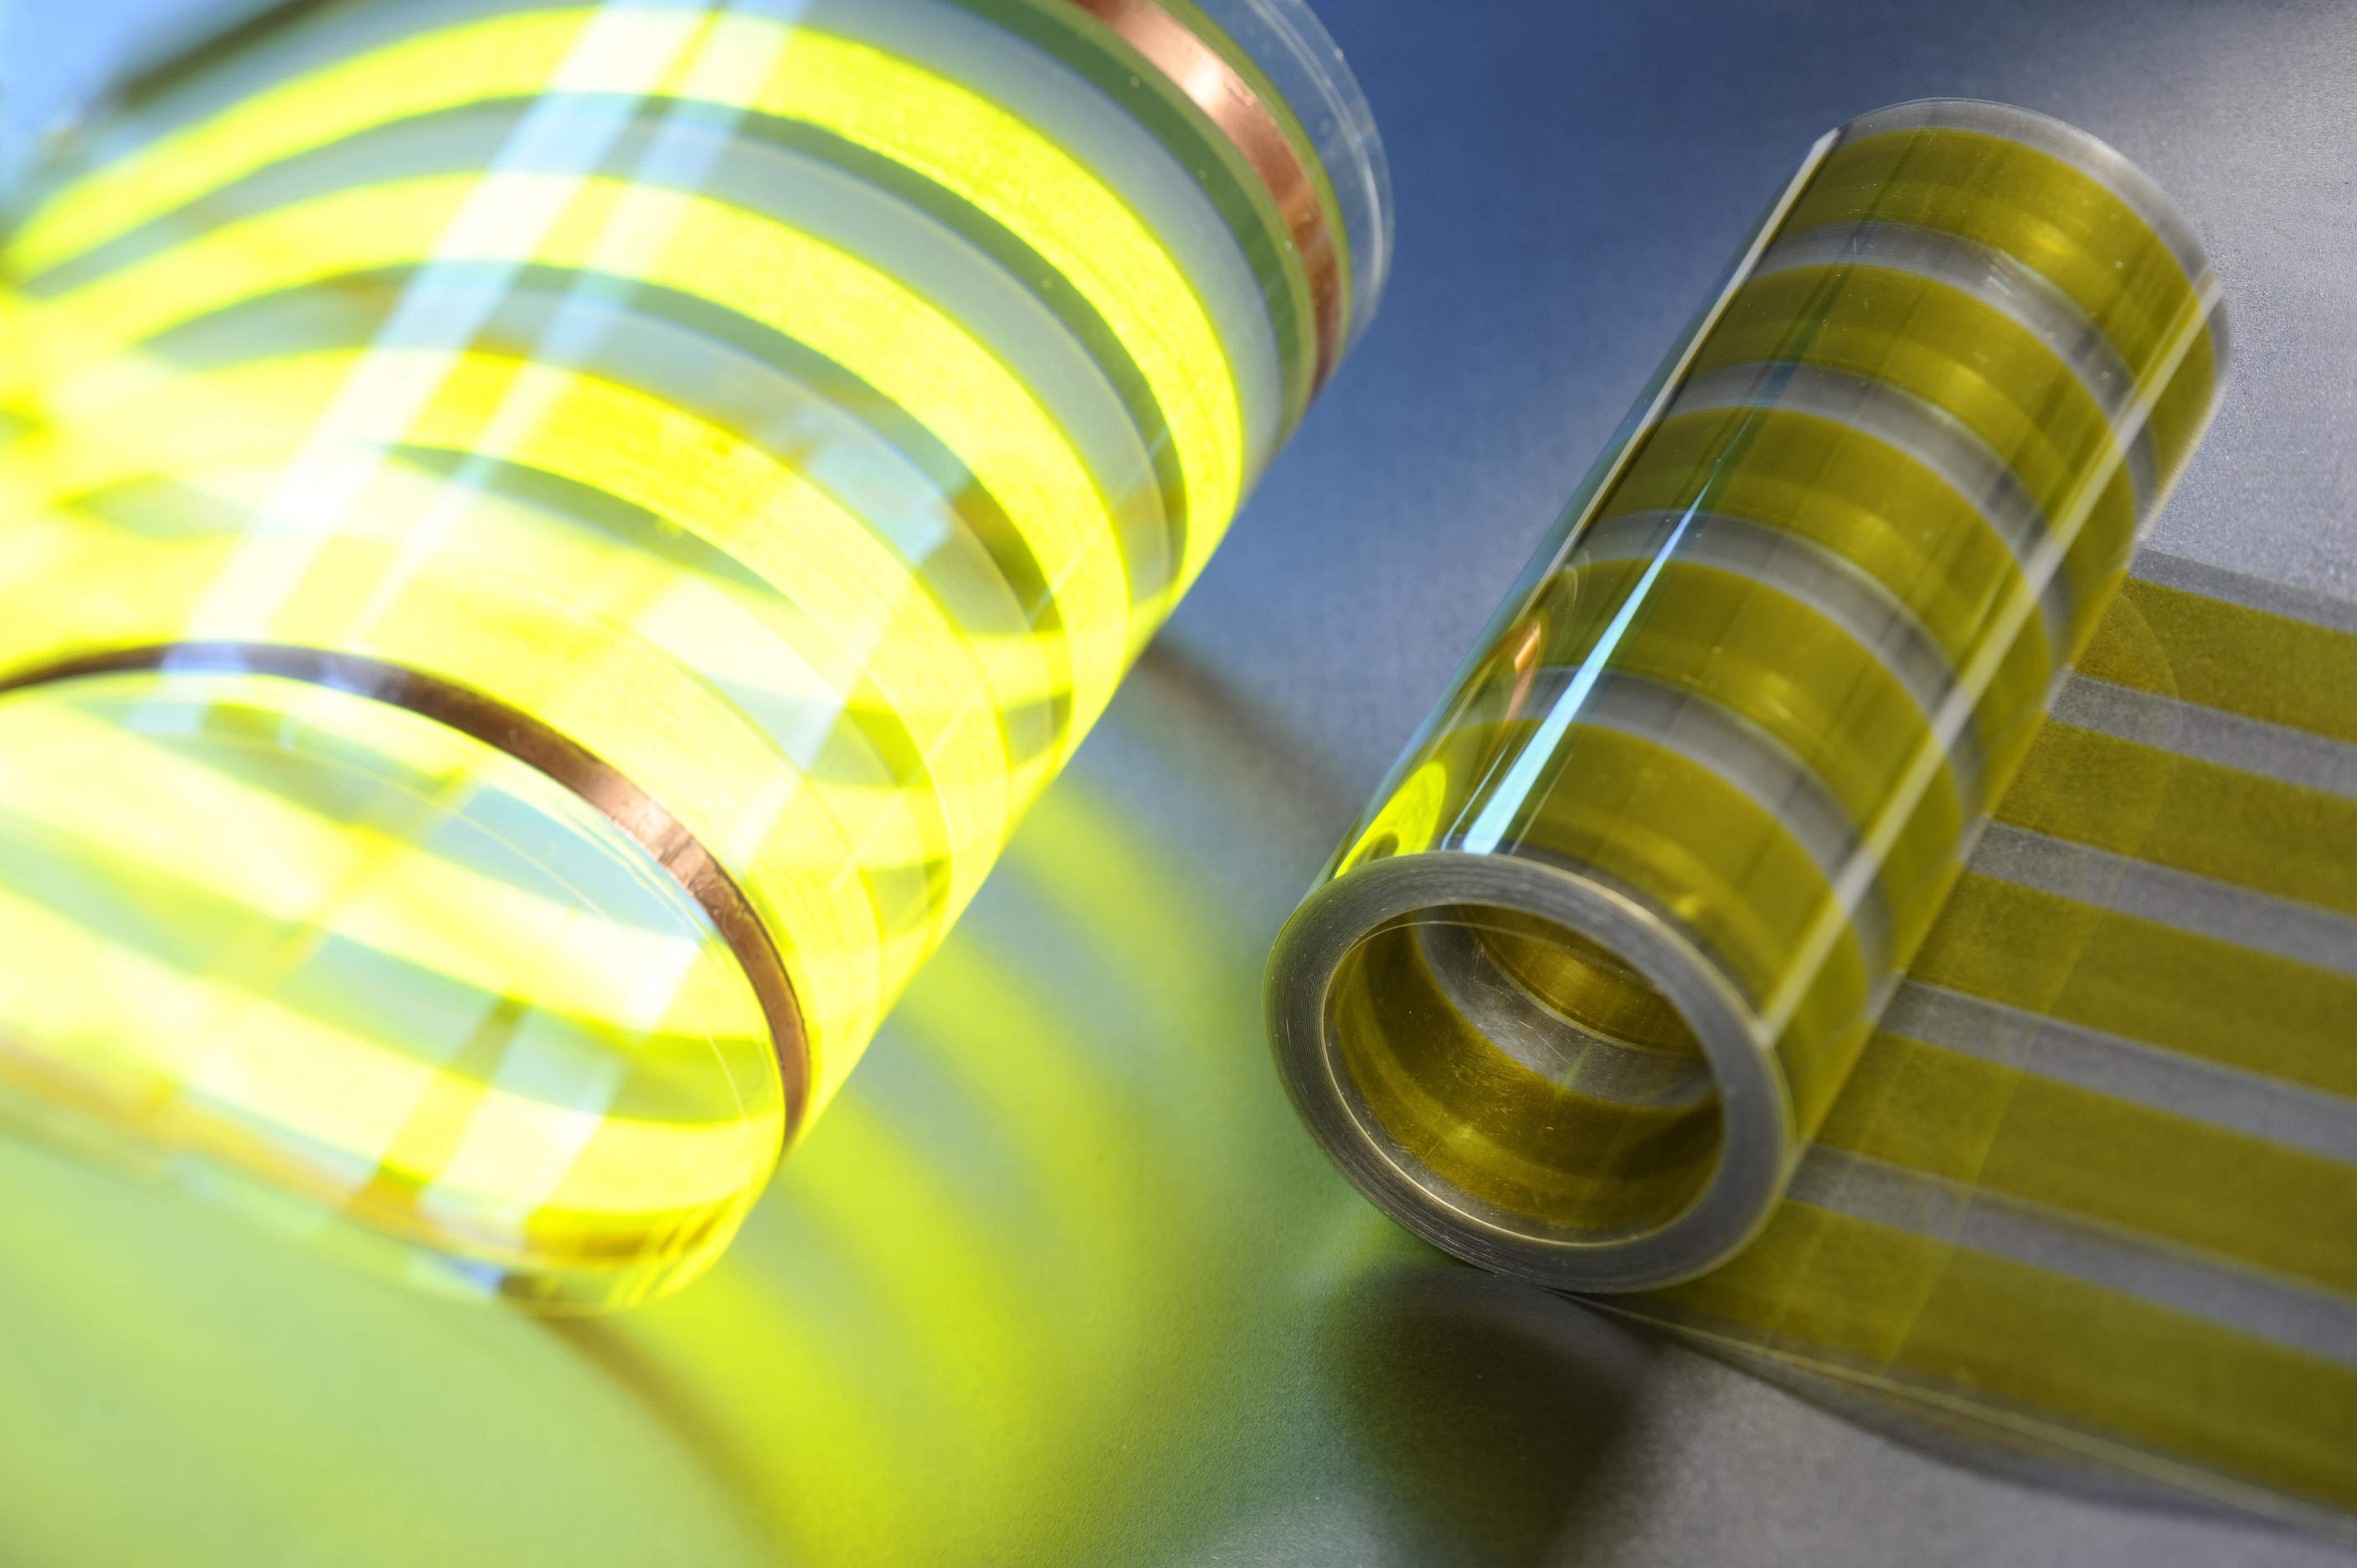 Распечатываемая OLED-плёнка, разработанная VTT.